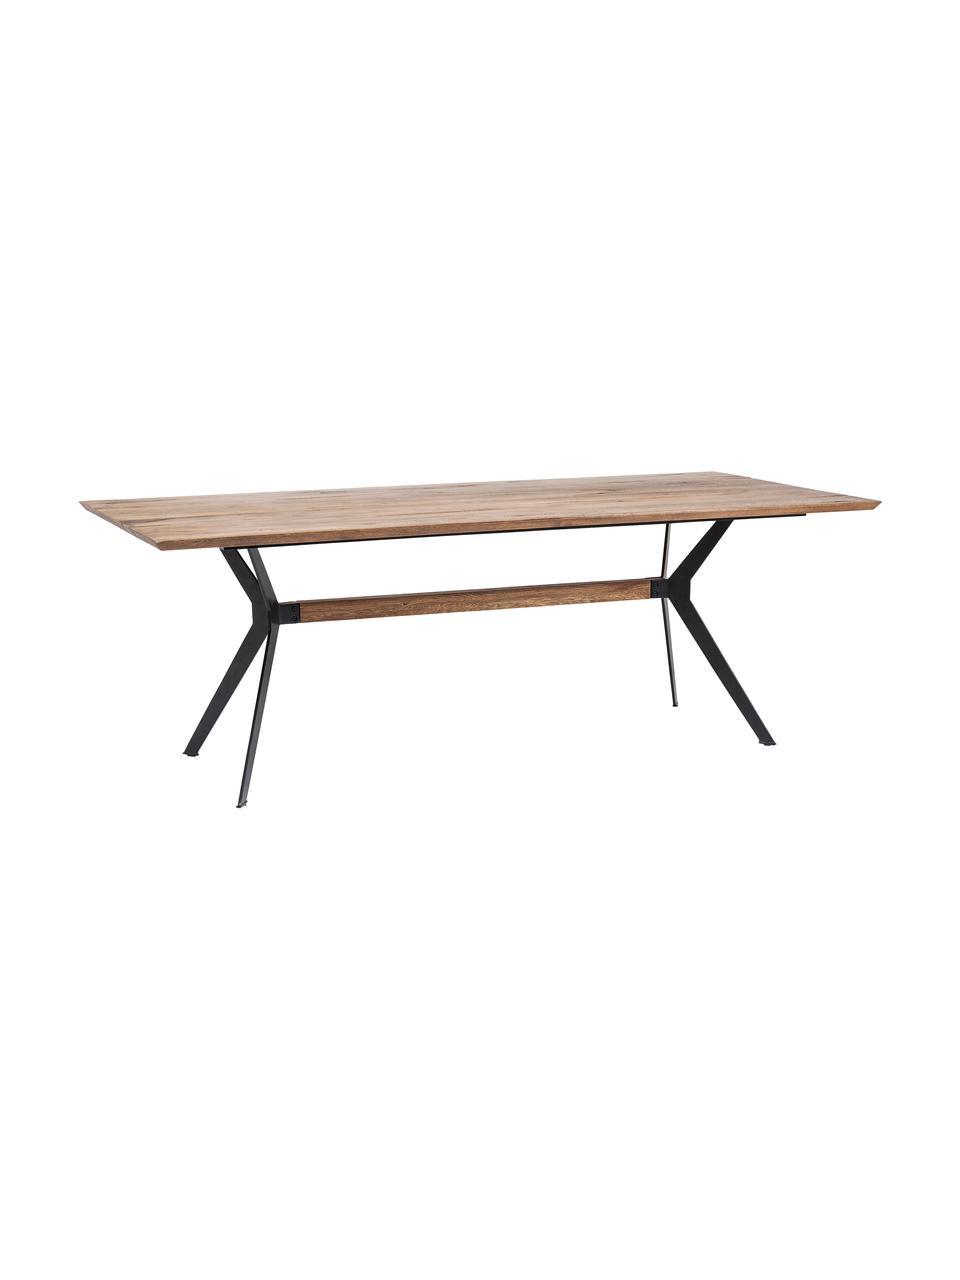 Table en bois massif et pieds en métal Downtown, Chêne